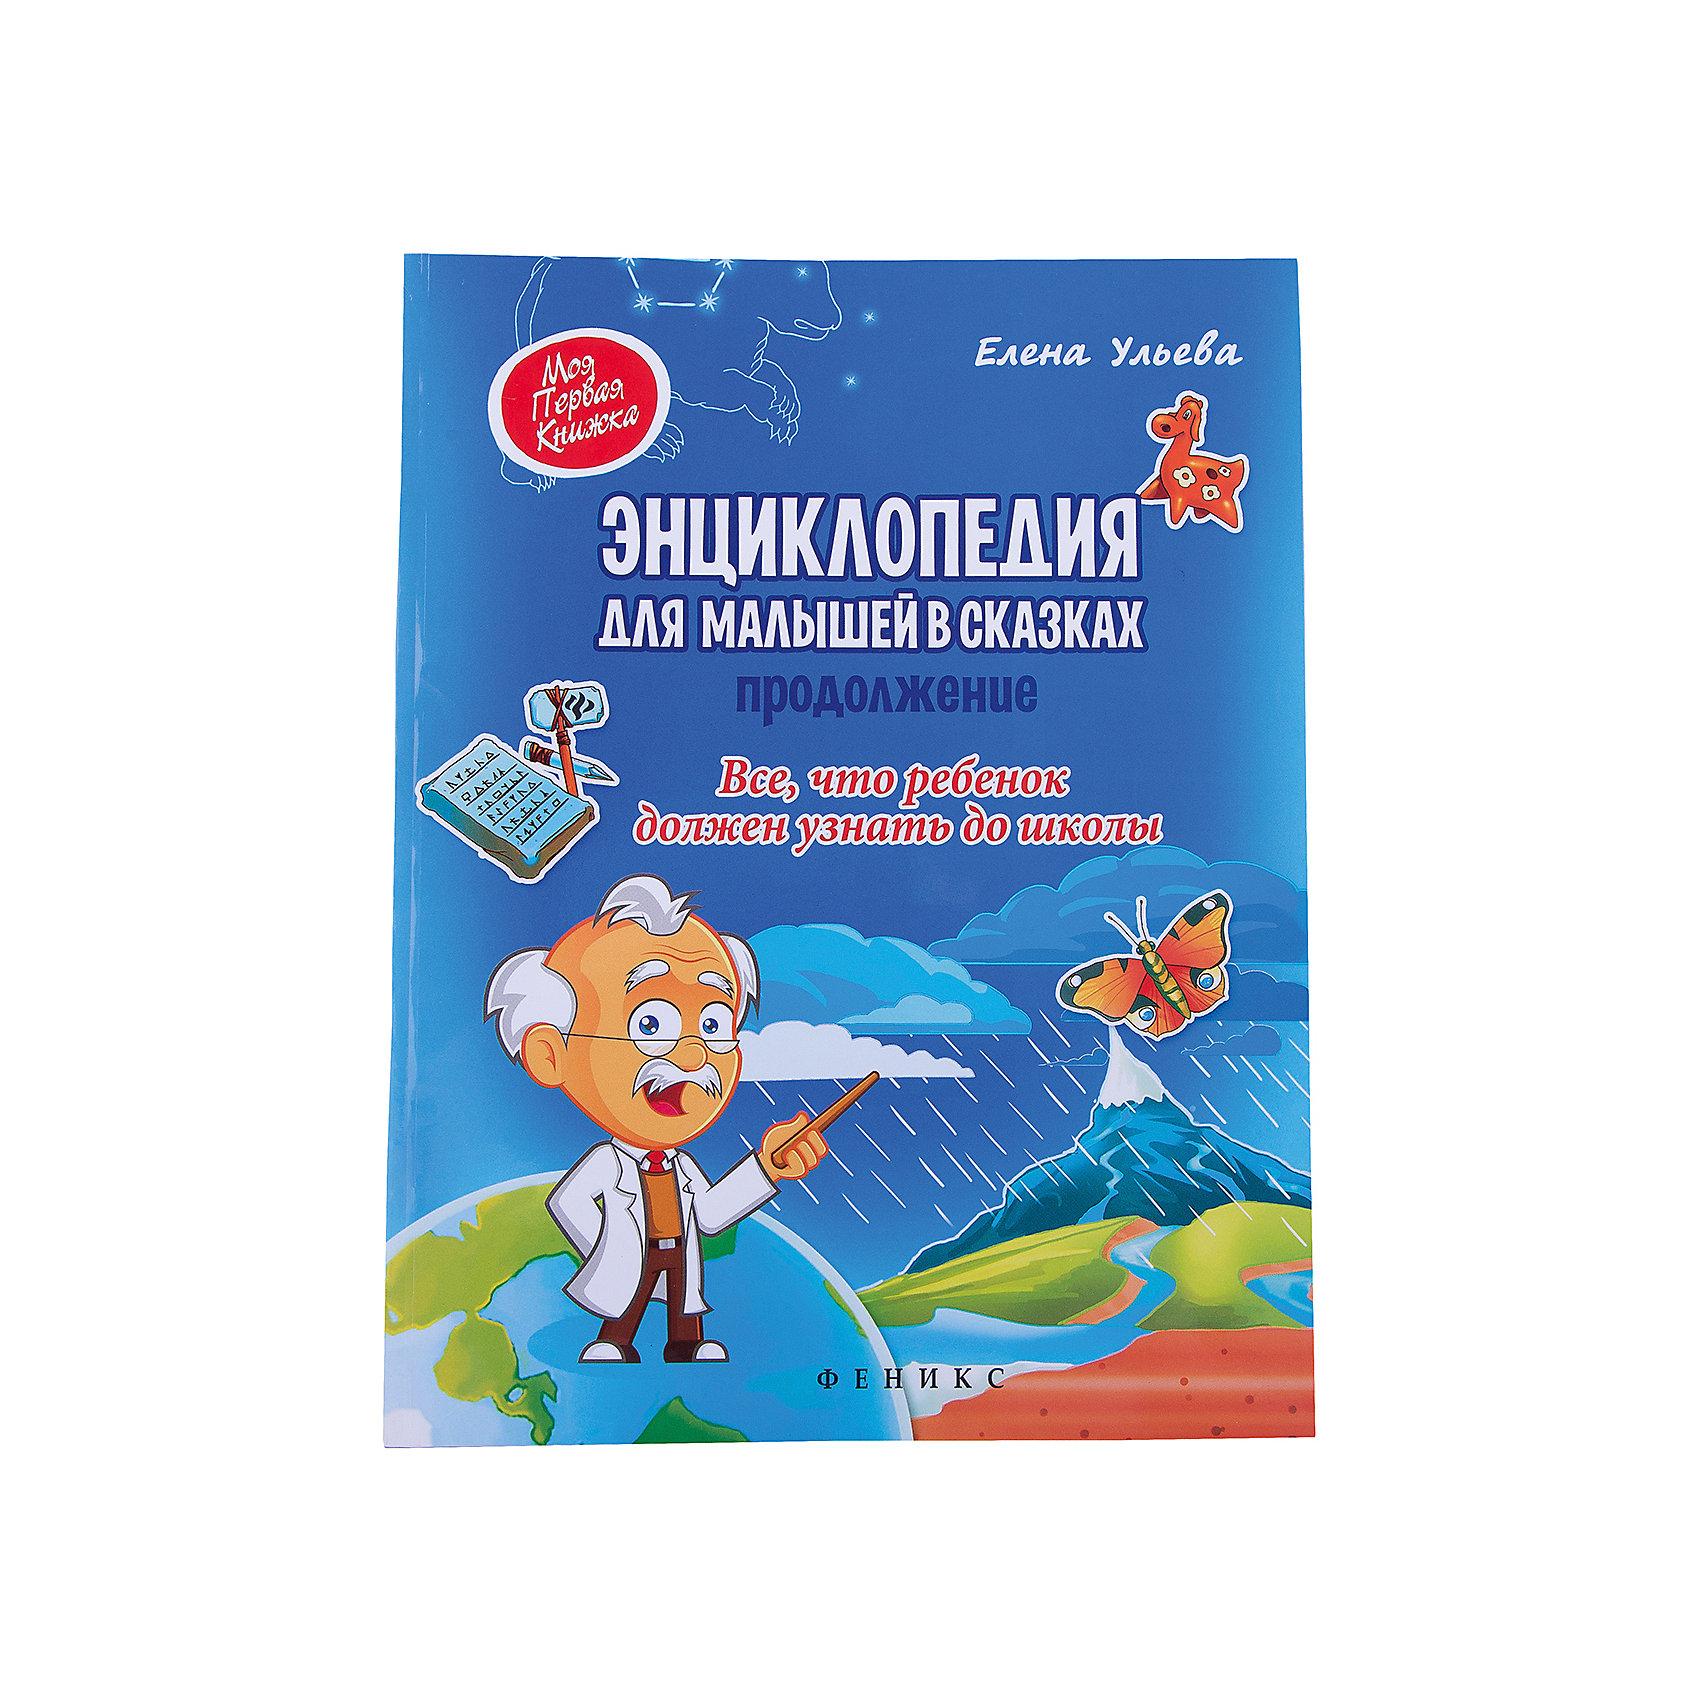 Fenix Энциклопедия для малышей в сказках (Продолжение) фара fenix bc21r